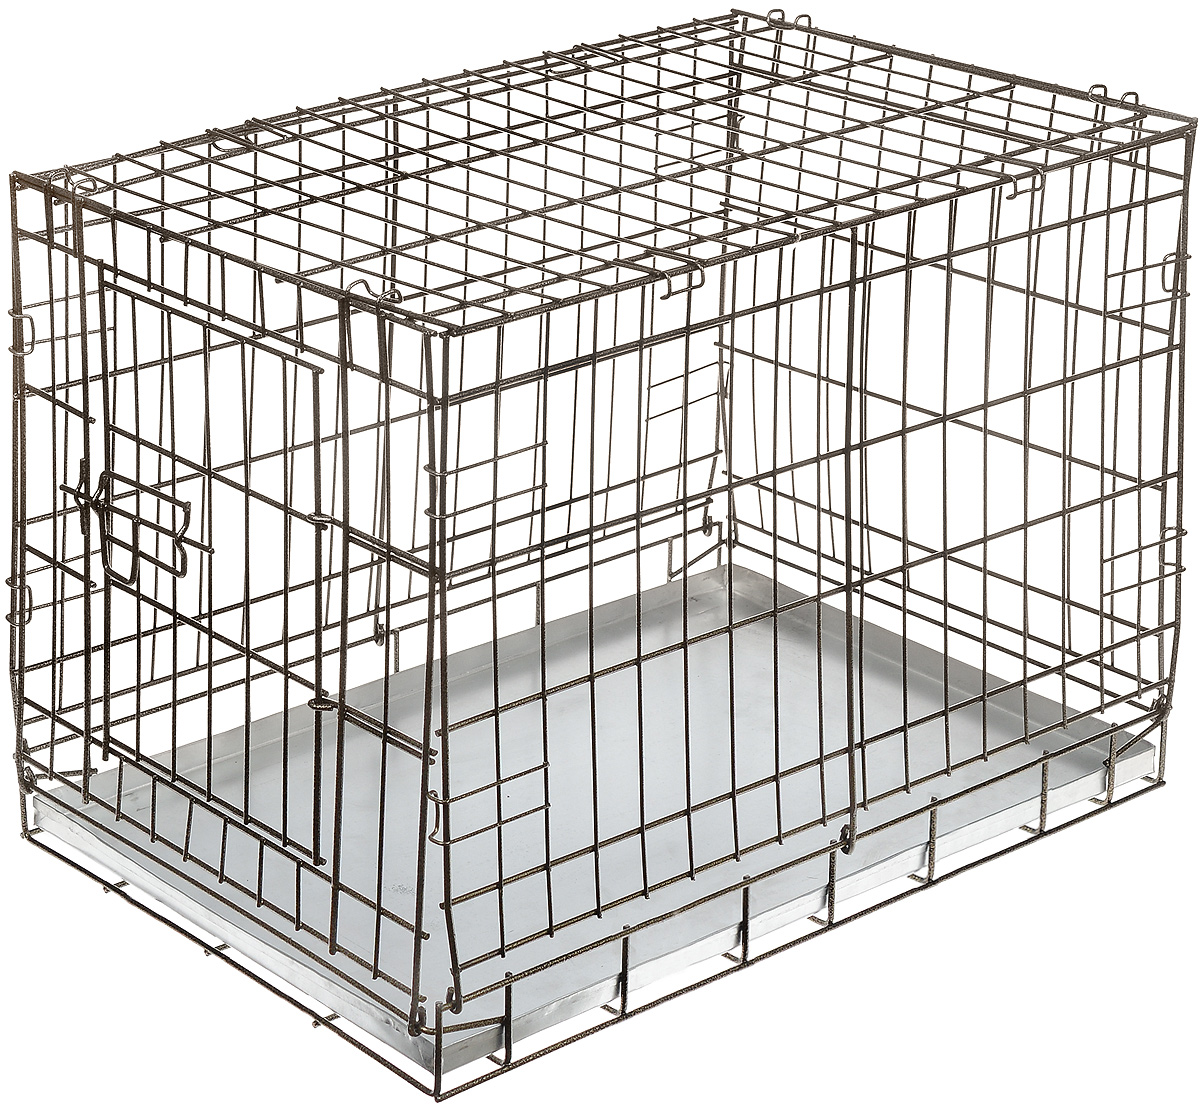 Клетка для собак ЗооМарк, выставочная, 80 х 50 х 55 см, цвет шагреньКВР1АбУдобная клетка ЗооМарк предназначена для собак средних пород. Идеально подходит для транспортировки и содержания собак во время проведения выставки. Клетка выполнена из металлической проволоки. Клетка оснащена дверцей, которая надежно закрываются. Прочный алюминиевый поддон не повреждает поверхность, на которой размещен.